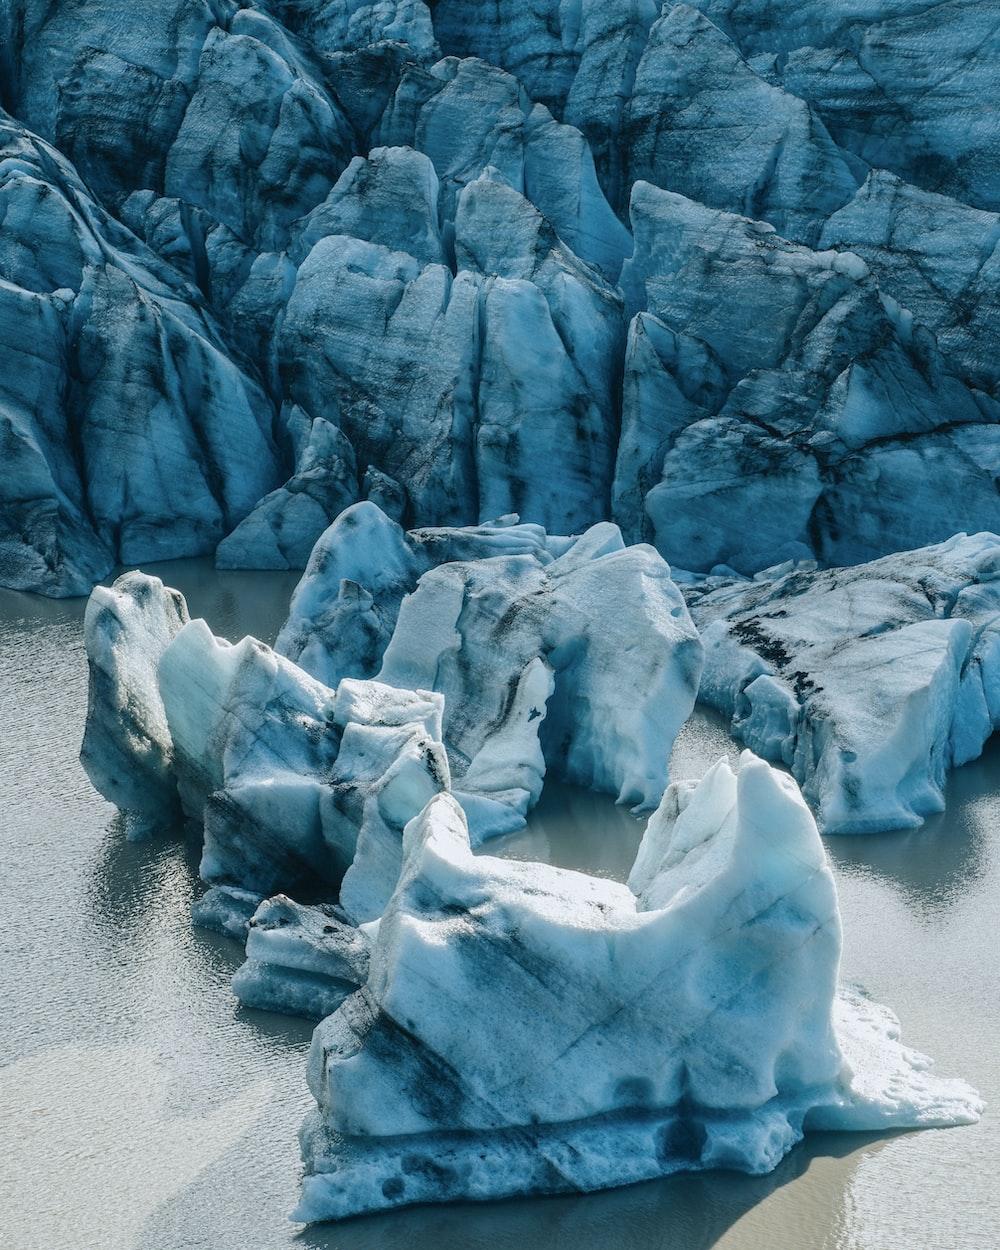 gray and white icebergs